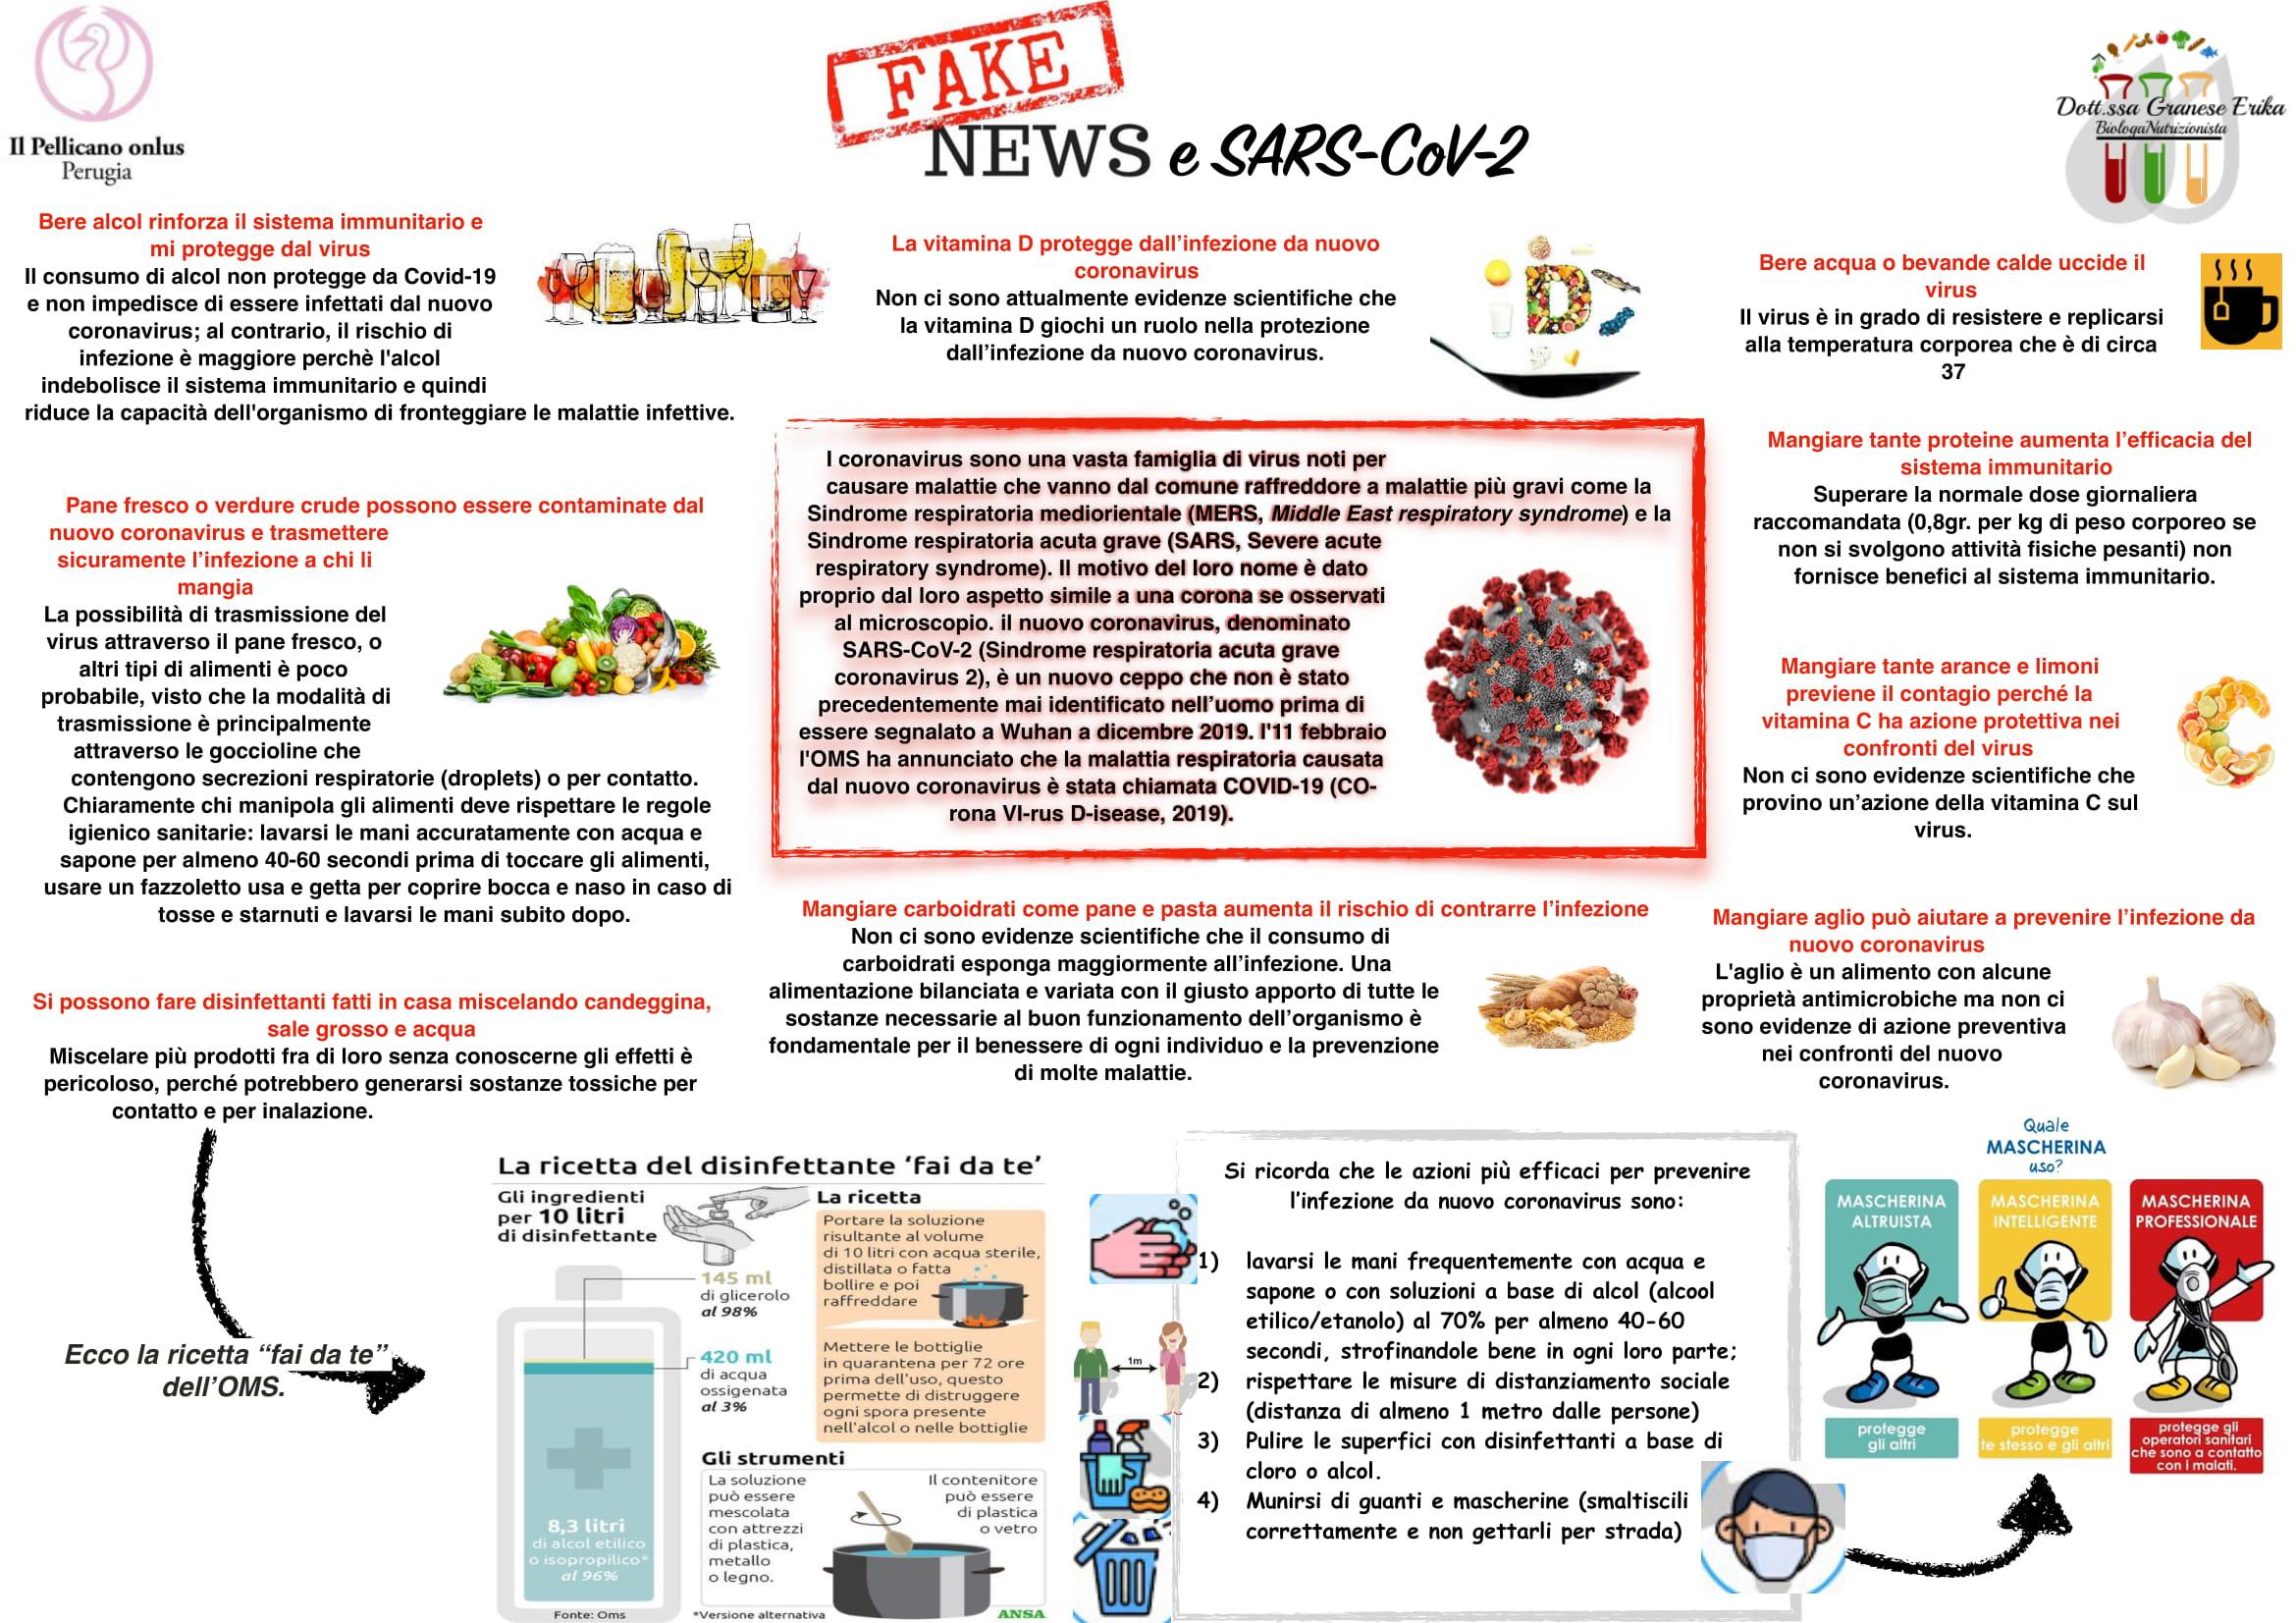 News e Sars-COVID-2